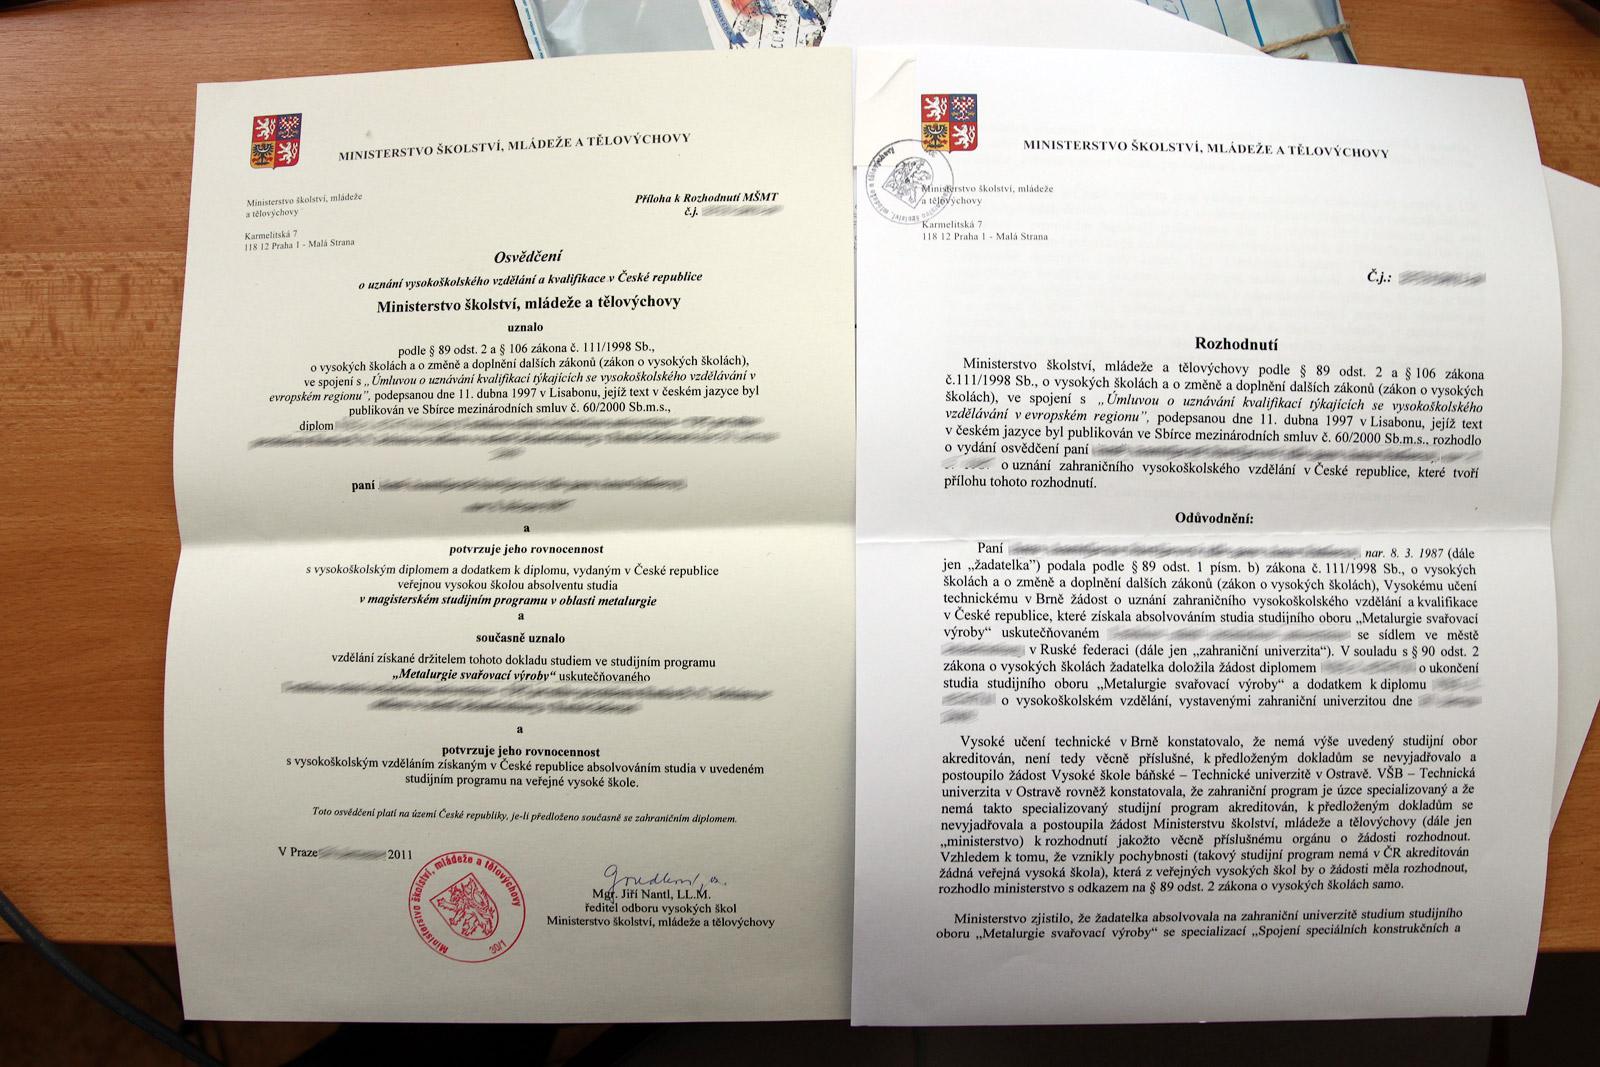 Апелляция в Минобразования о нострификации диплома Подебрады ру Апелляция о нострификации в Чехии